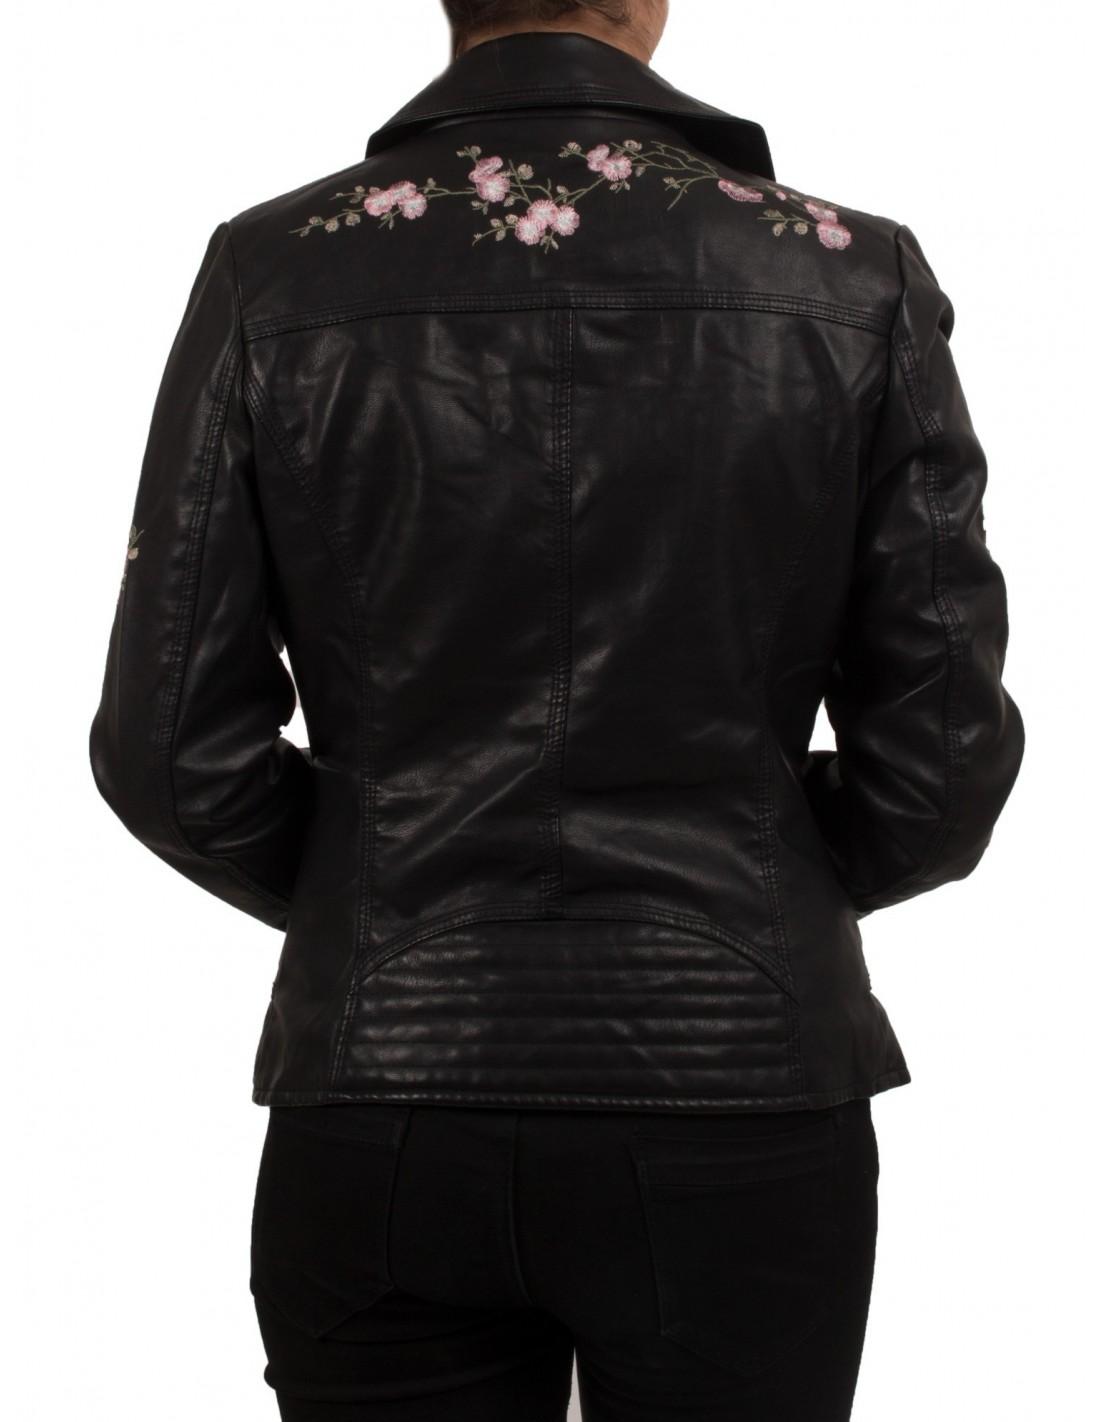 veste perfecto noir brod e fleurs rose pour femme en. Black Bedroom Furniture Sets. Home Design Ideas